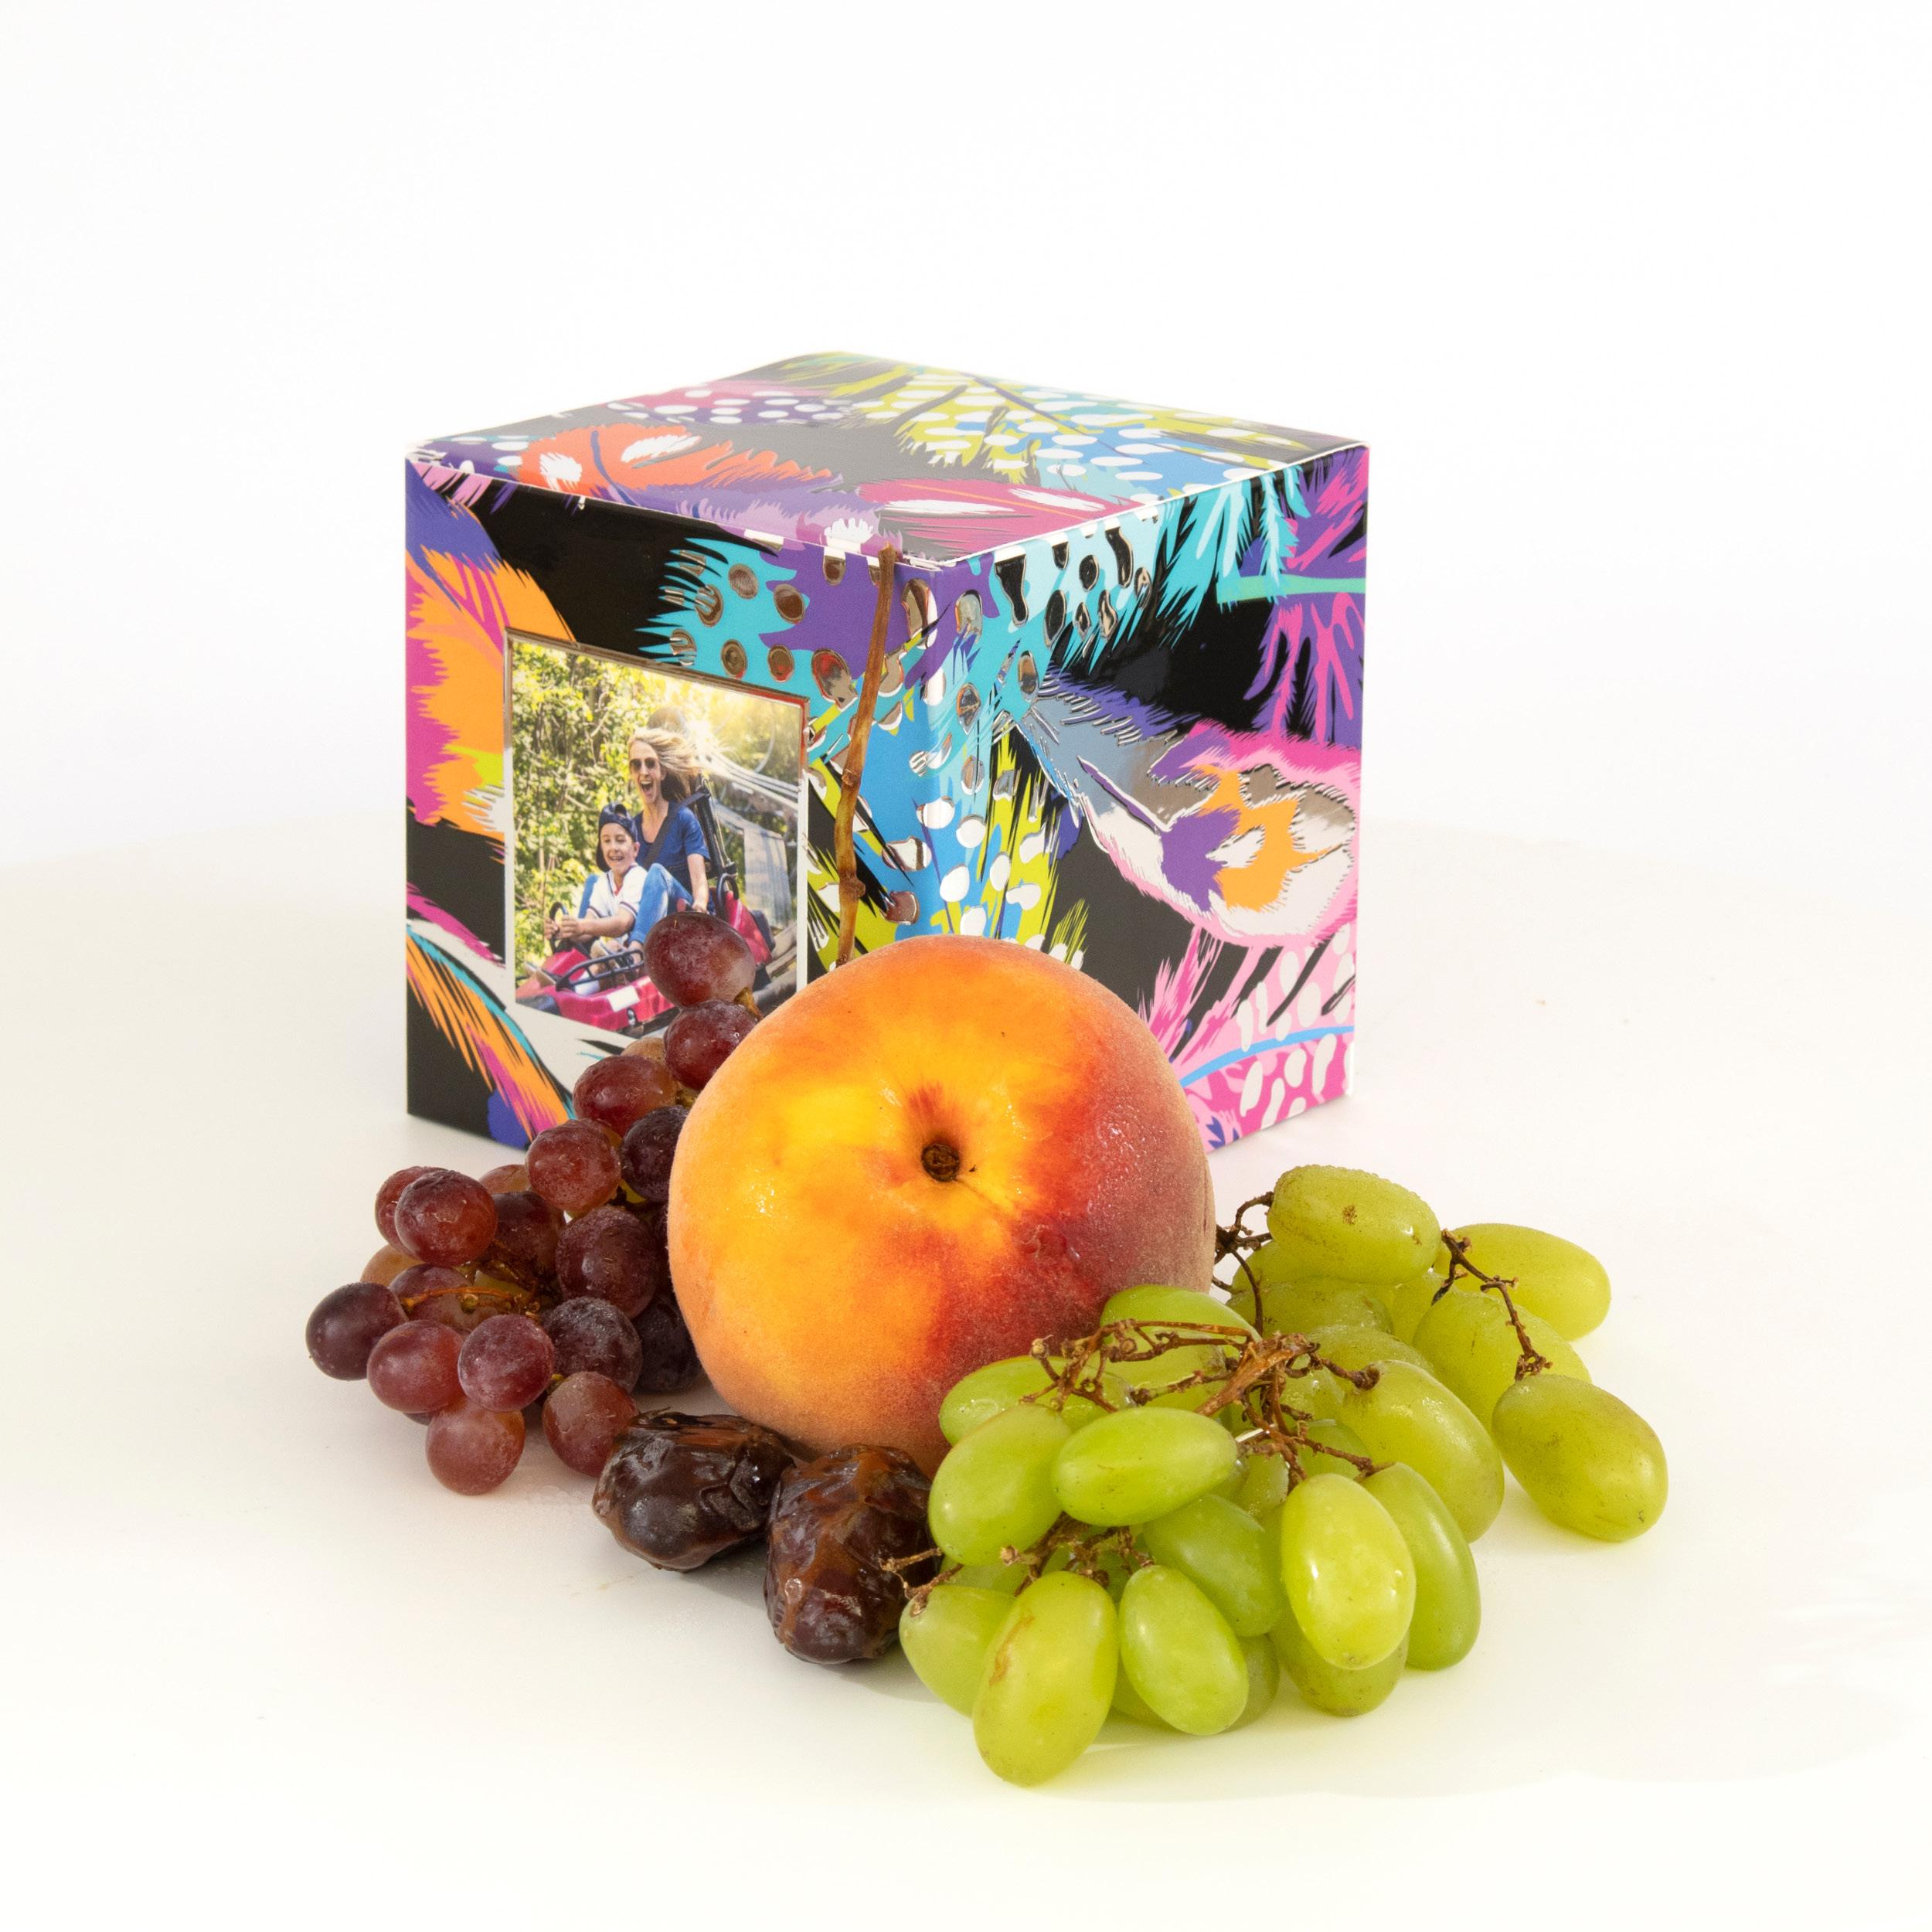 Fruit, heerlijk en gezond. Wij werken samen met een groentenboer die alleen de allerbeste kwaliteit fruit verkoopt. Een prachtig cadeau om aan je moeder te geven.